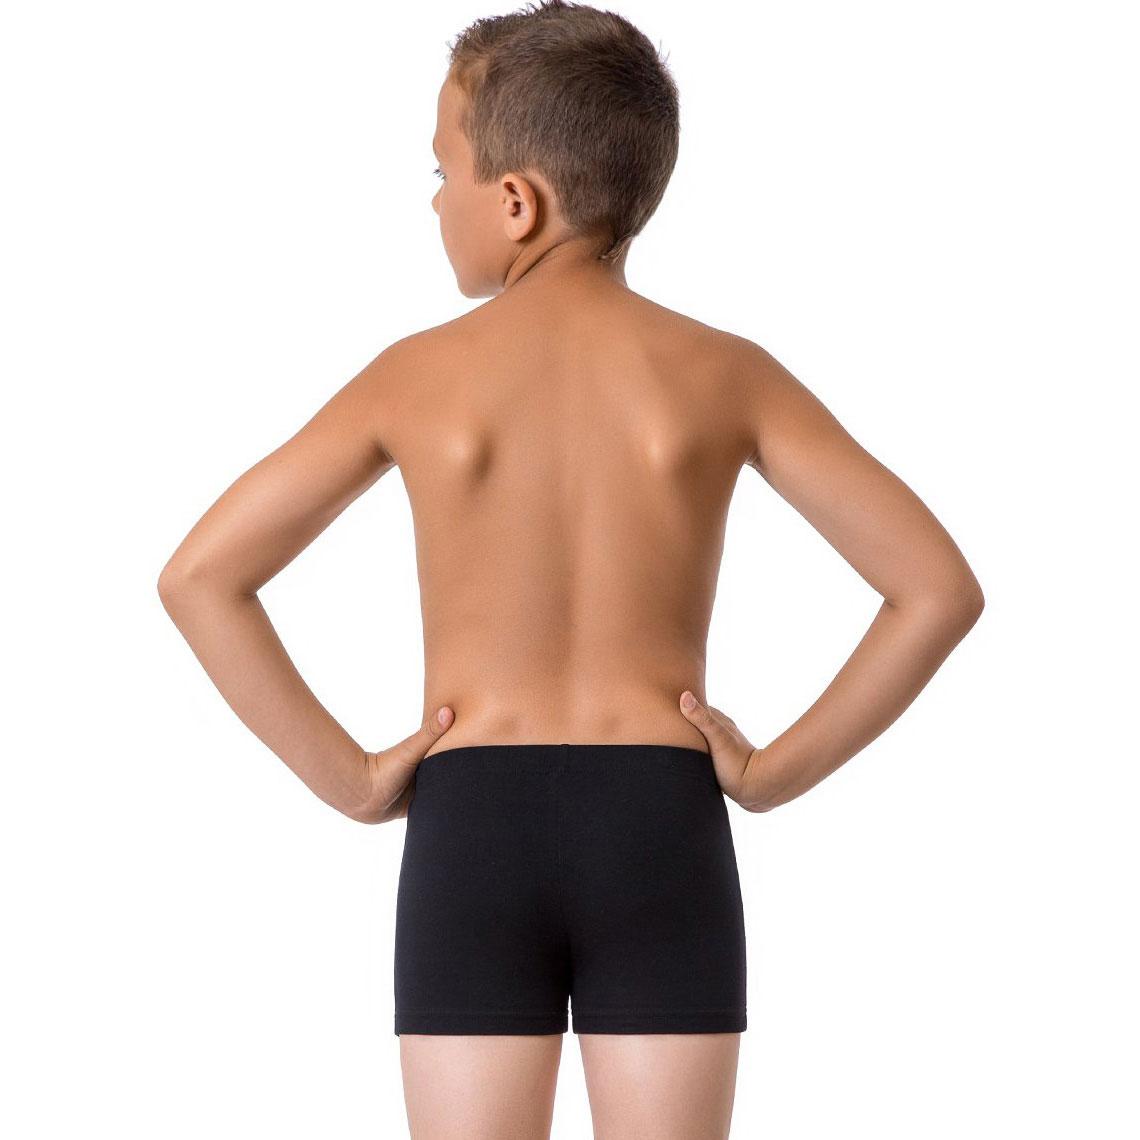 Трусы для мальчиков (2 шт.) Nirey Нирей цвет черный (с рисунком) размер 92-98 см